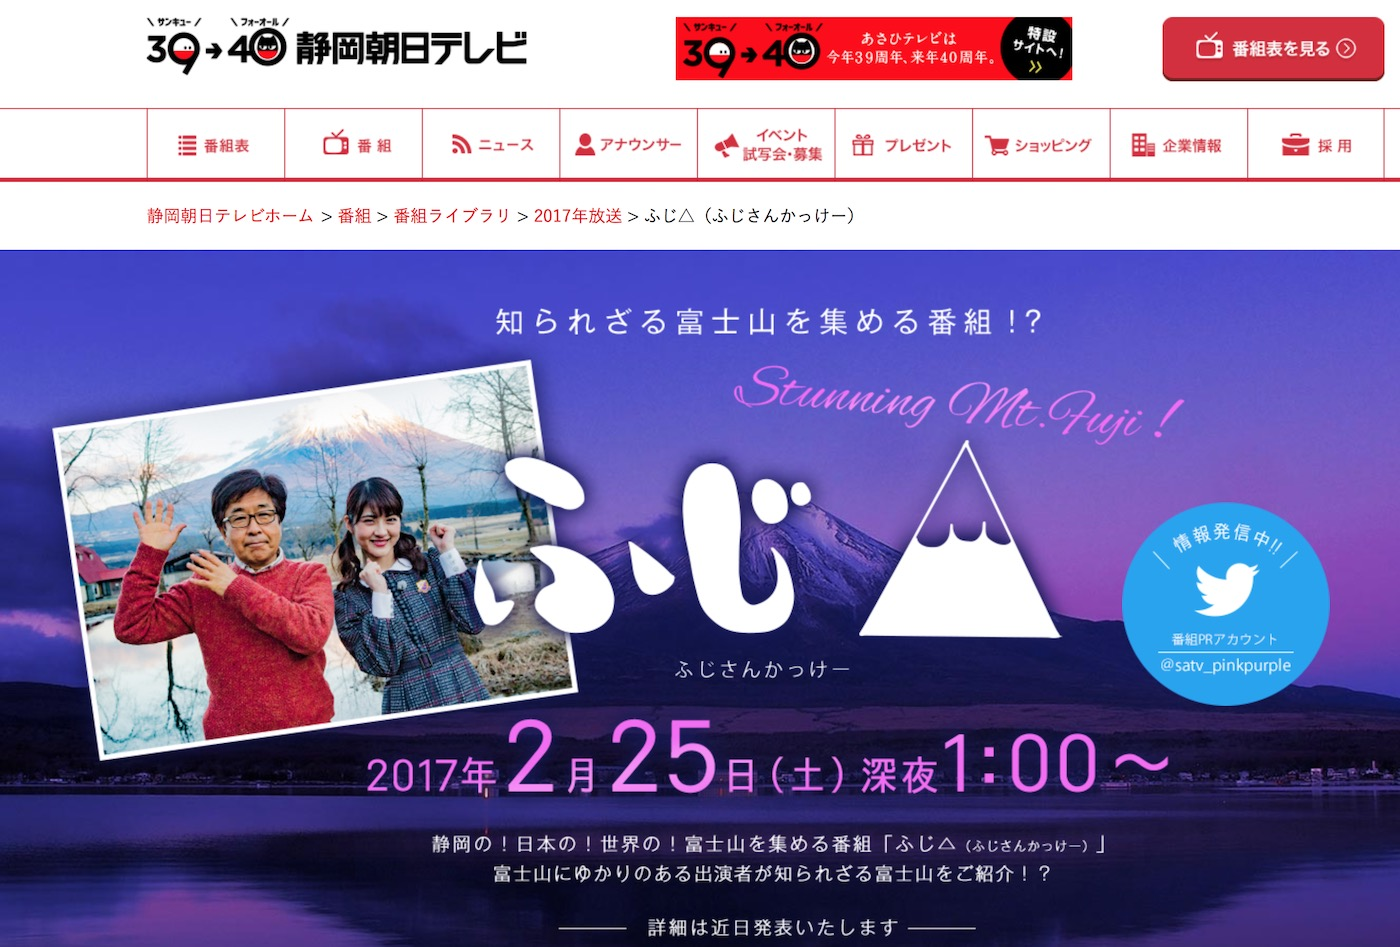 乃木坂46・若月佑美、地元静岡の特番「ふじ△」で世界の富士山を紹介